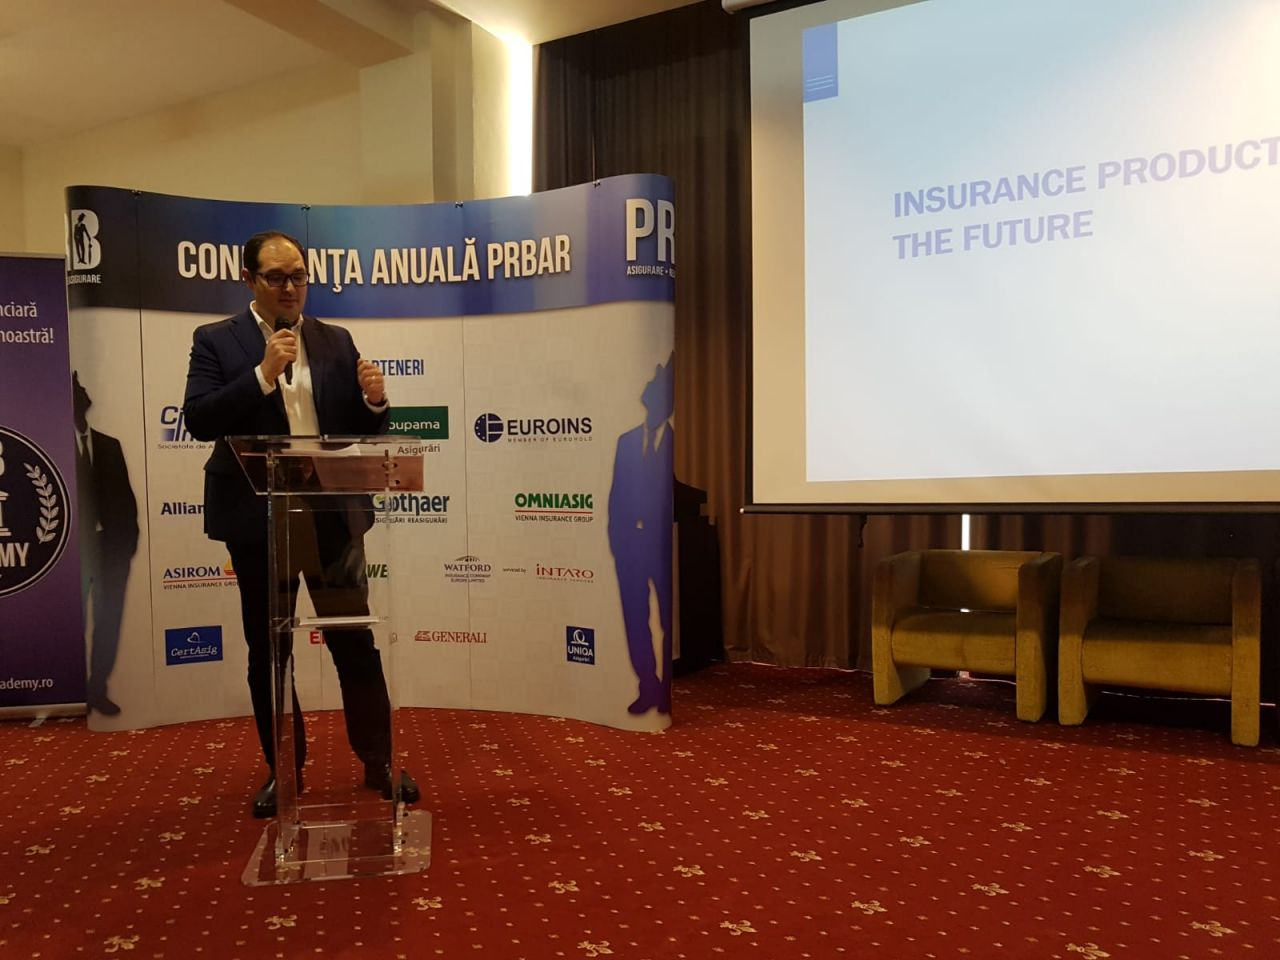 UNSAR a participat la Conferinta Anuala PRBAR